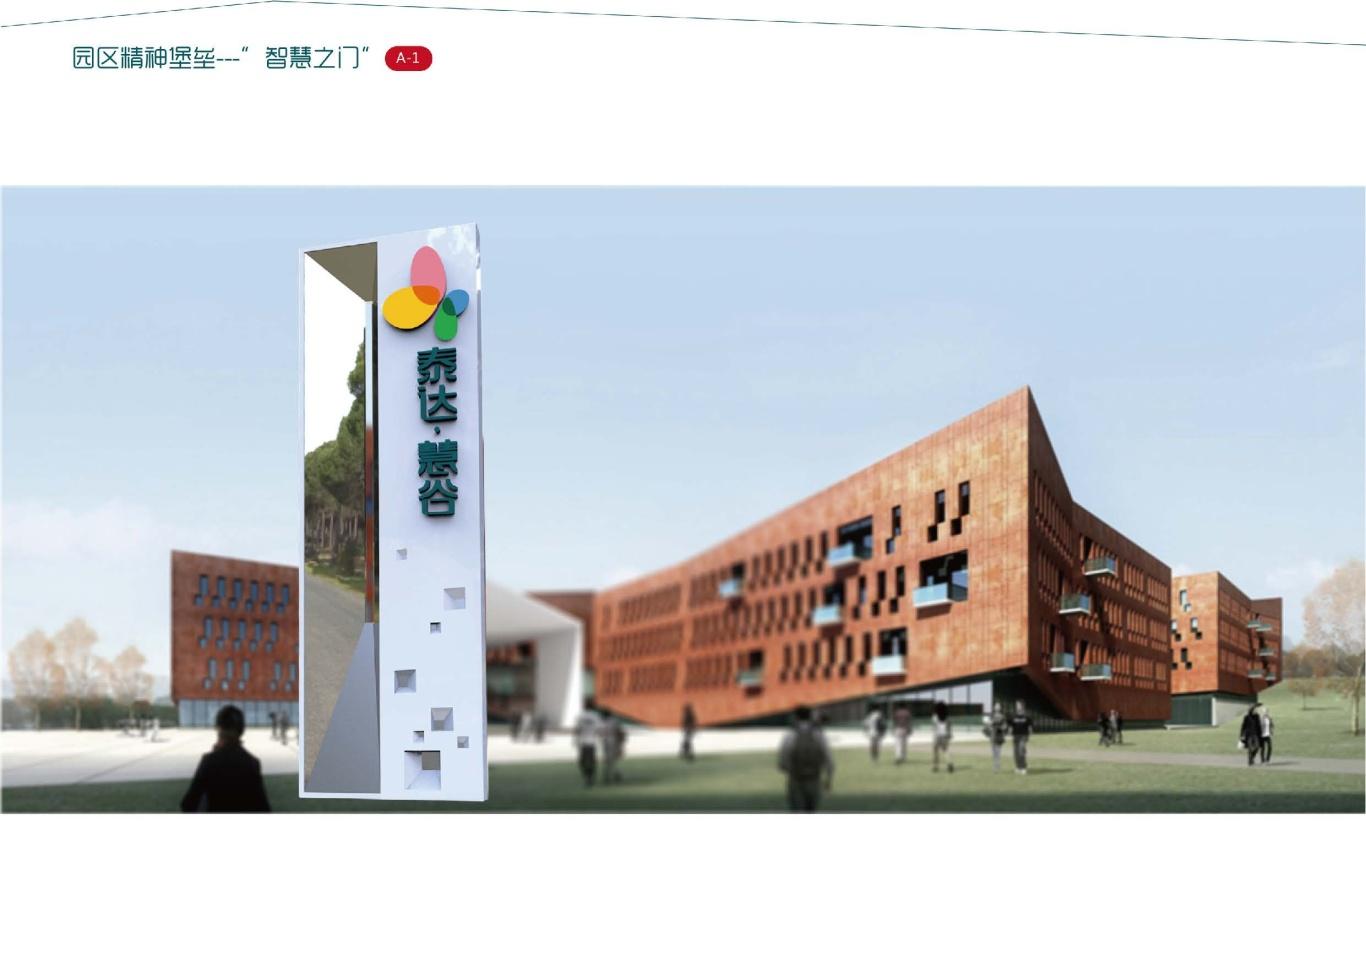 大连泰达慧谷开发区导视系统设计图25